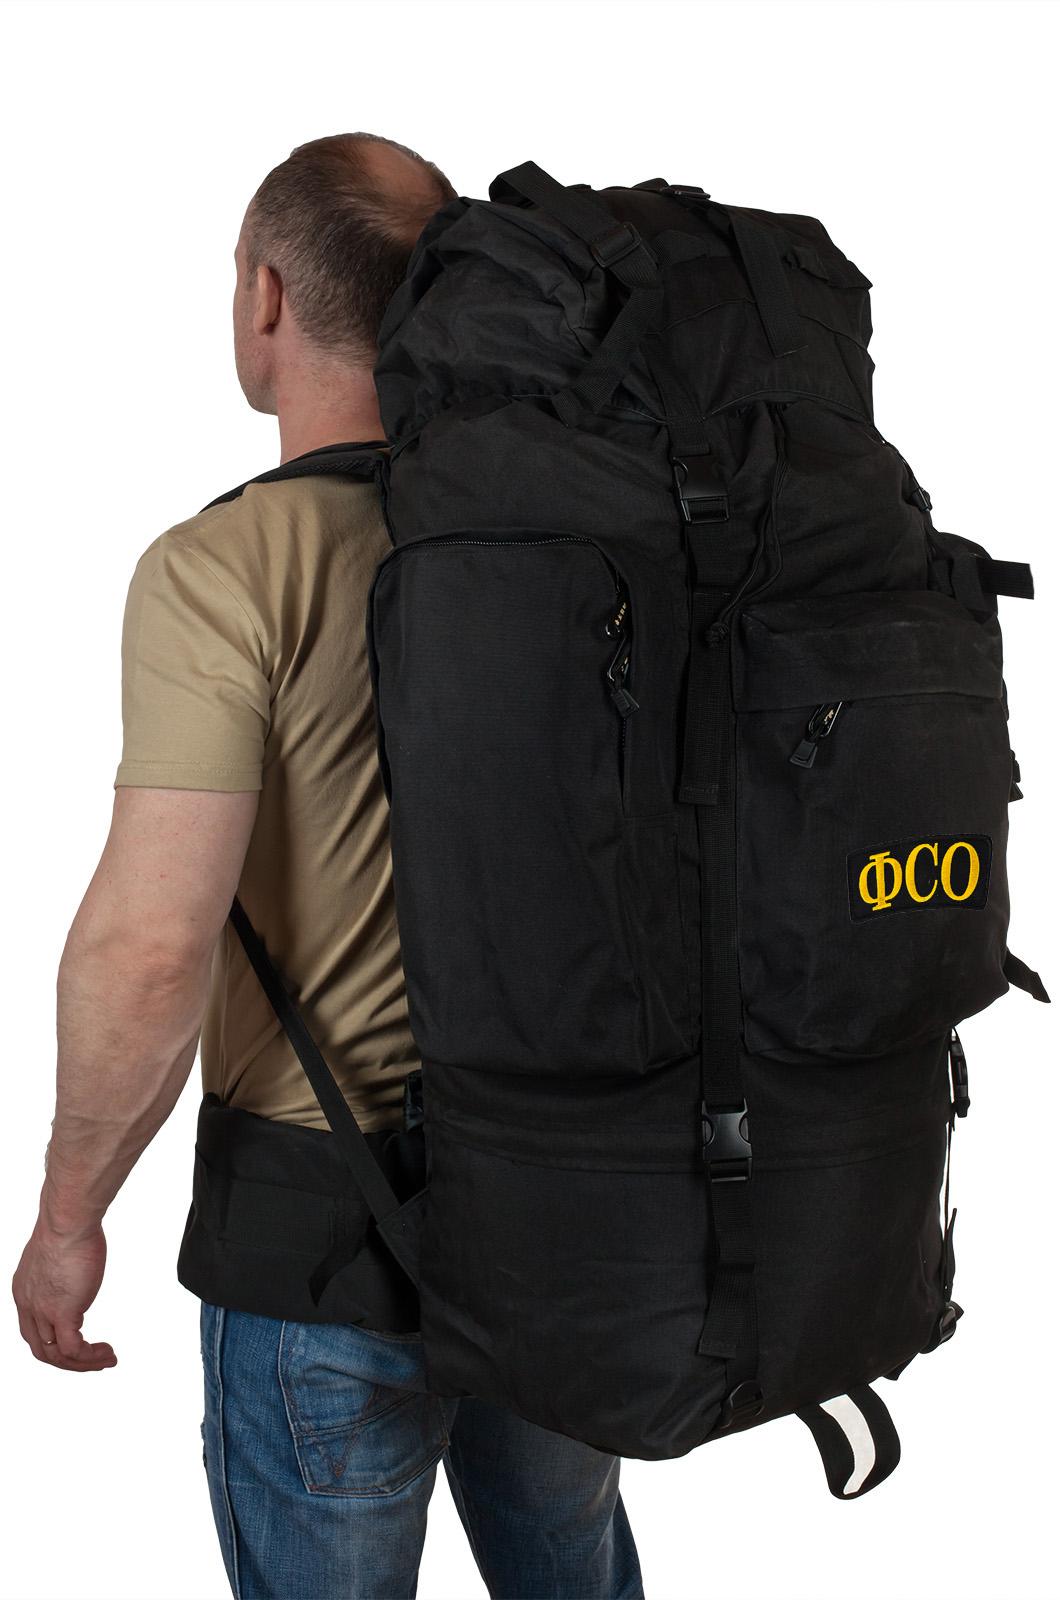 Многодневный тактический рюкзак ФСО Max Fuchs - заказать в подарок